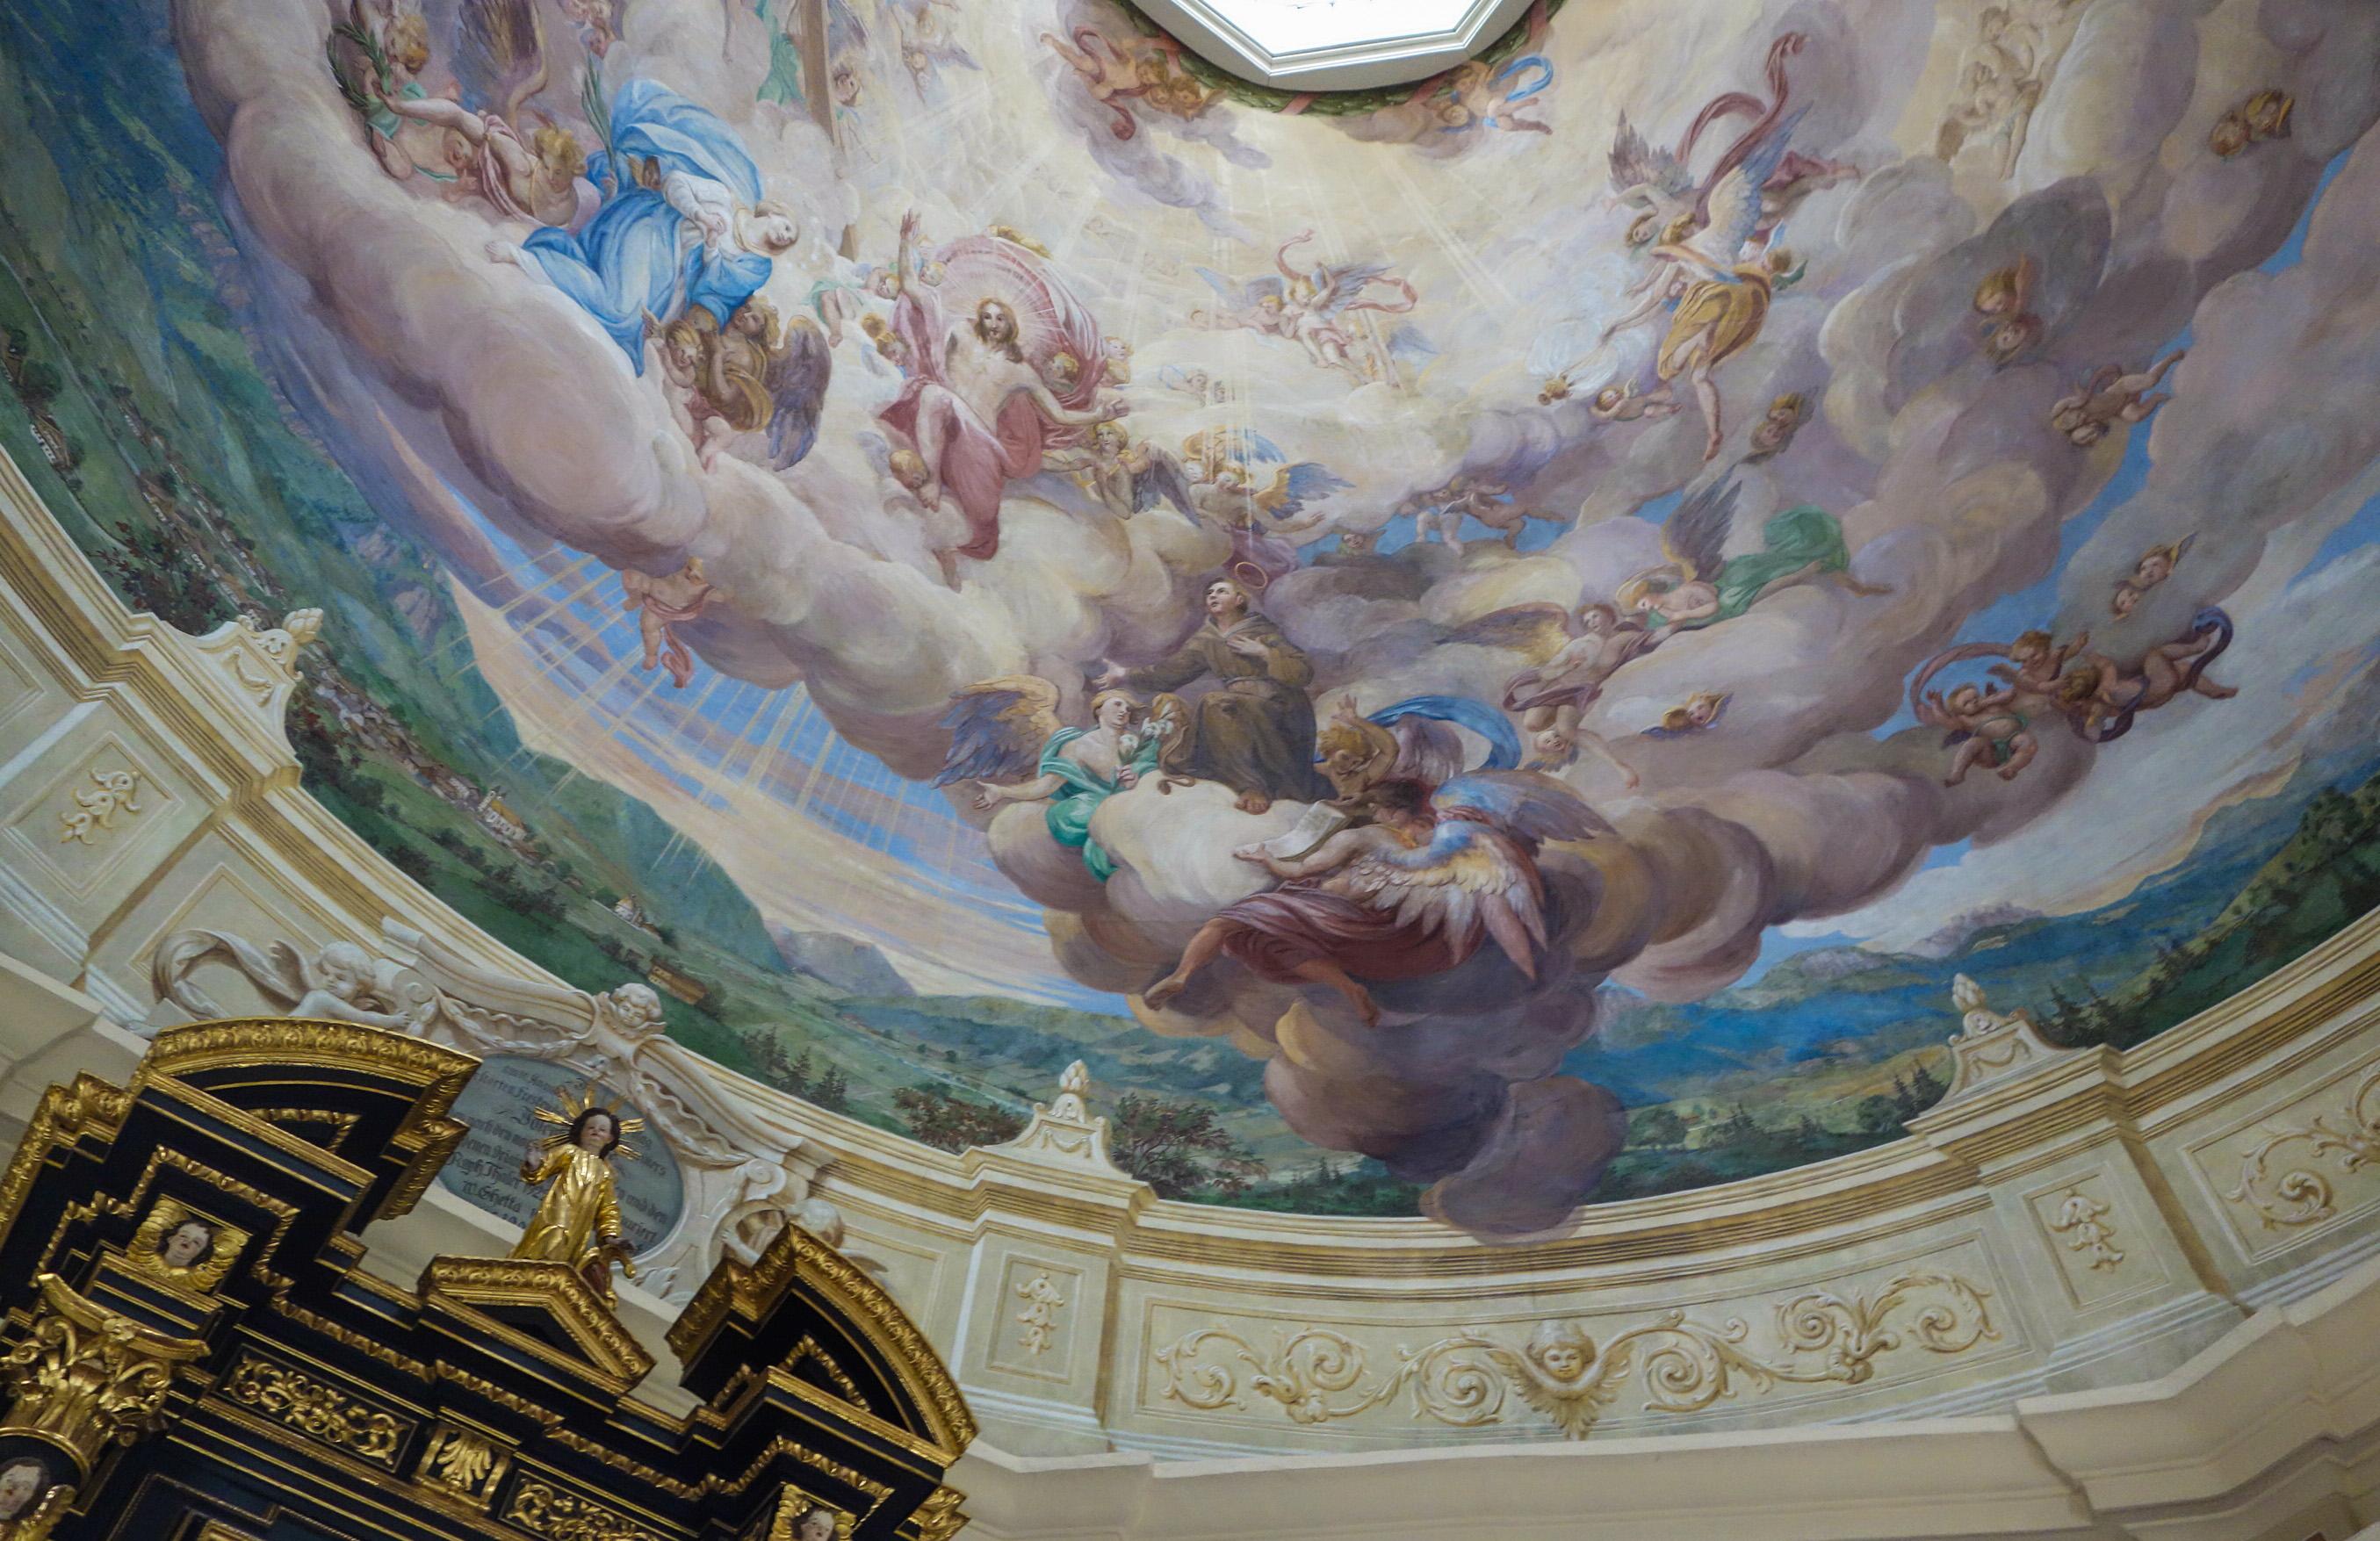 St Johann in Tirol - visite de la cathédrale et de ses peintures incroyables